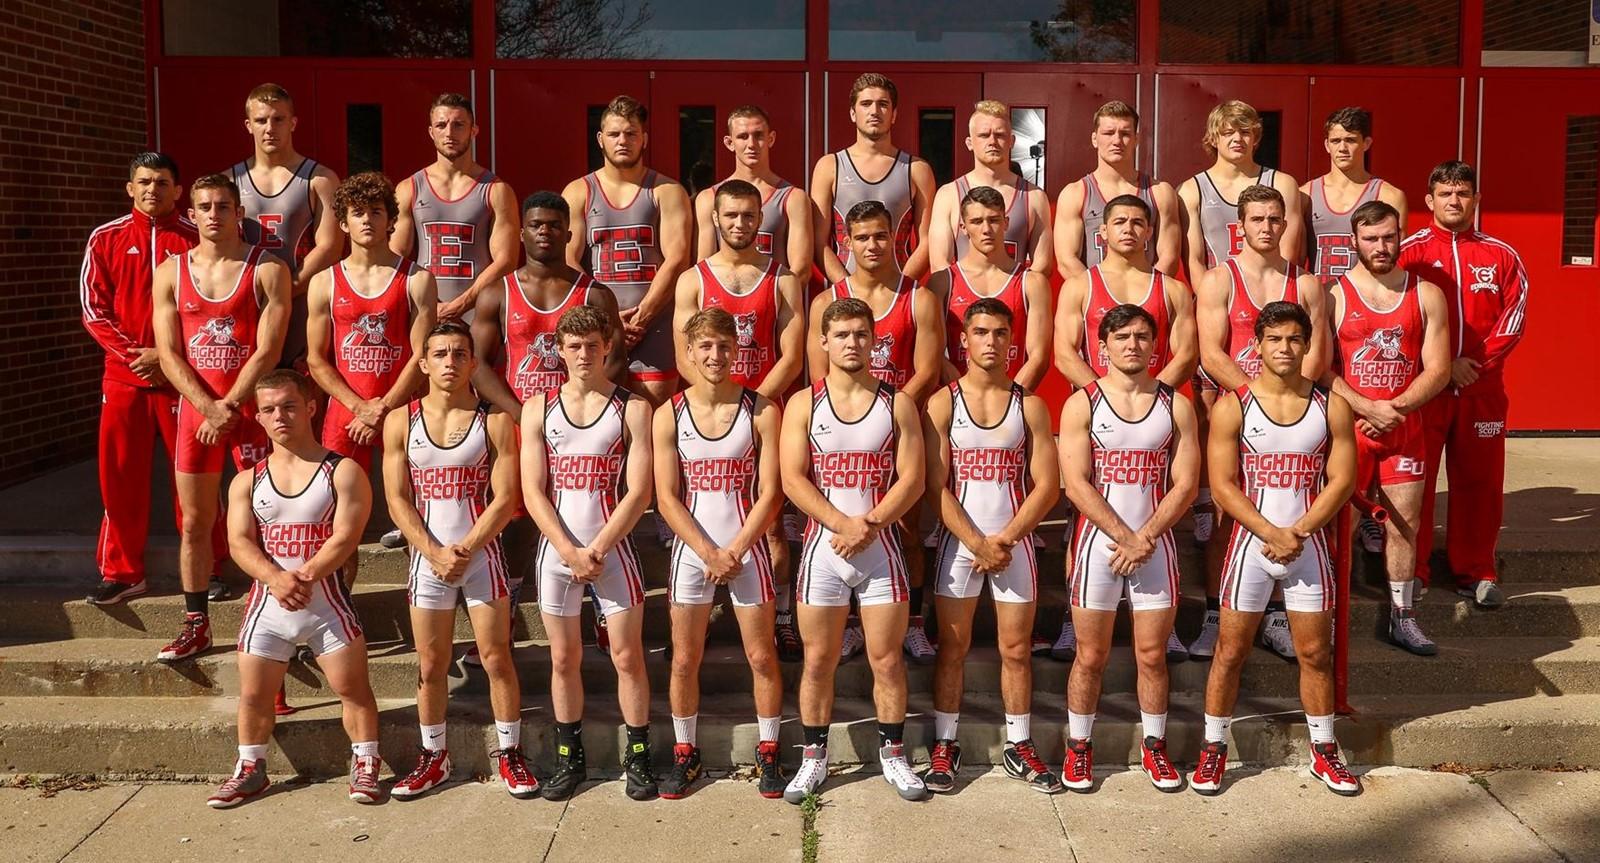 edinboro wrestling team_1551818014653.JPG.jpg